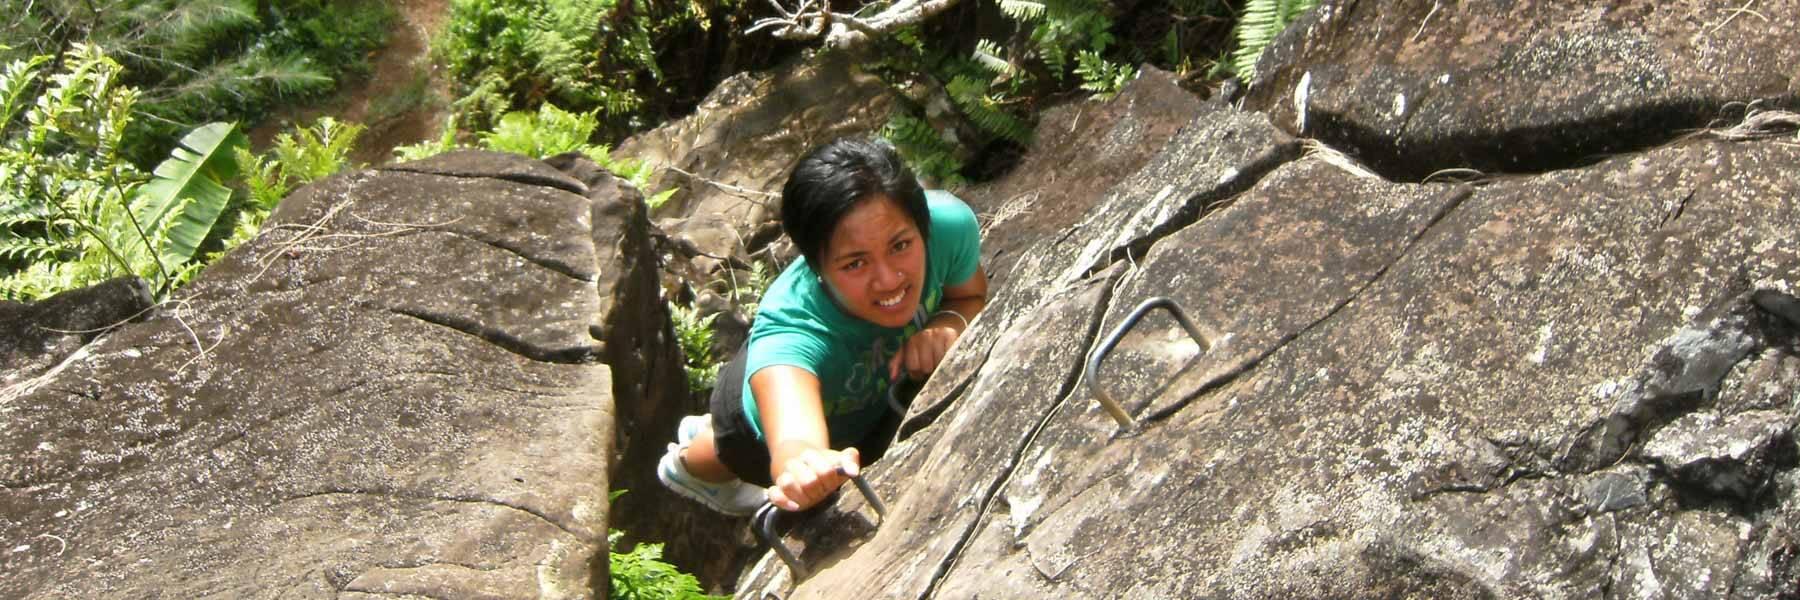 Climb to top of Raemaru mountain in Rarotonga